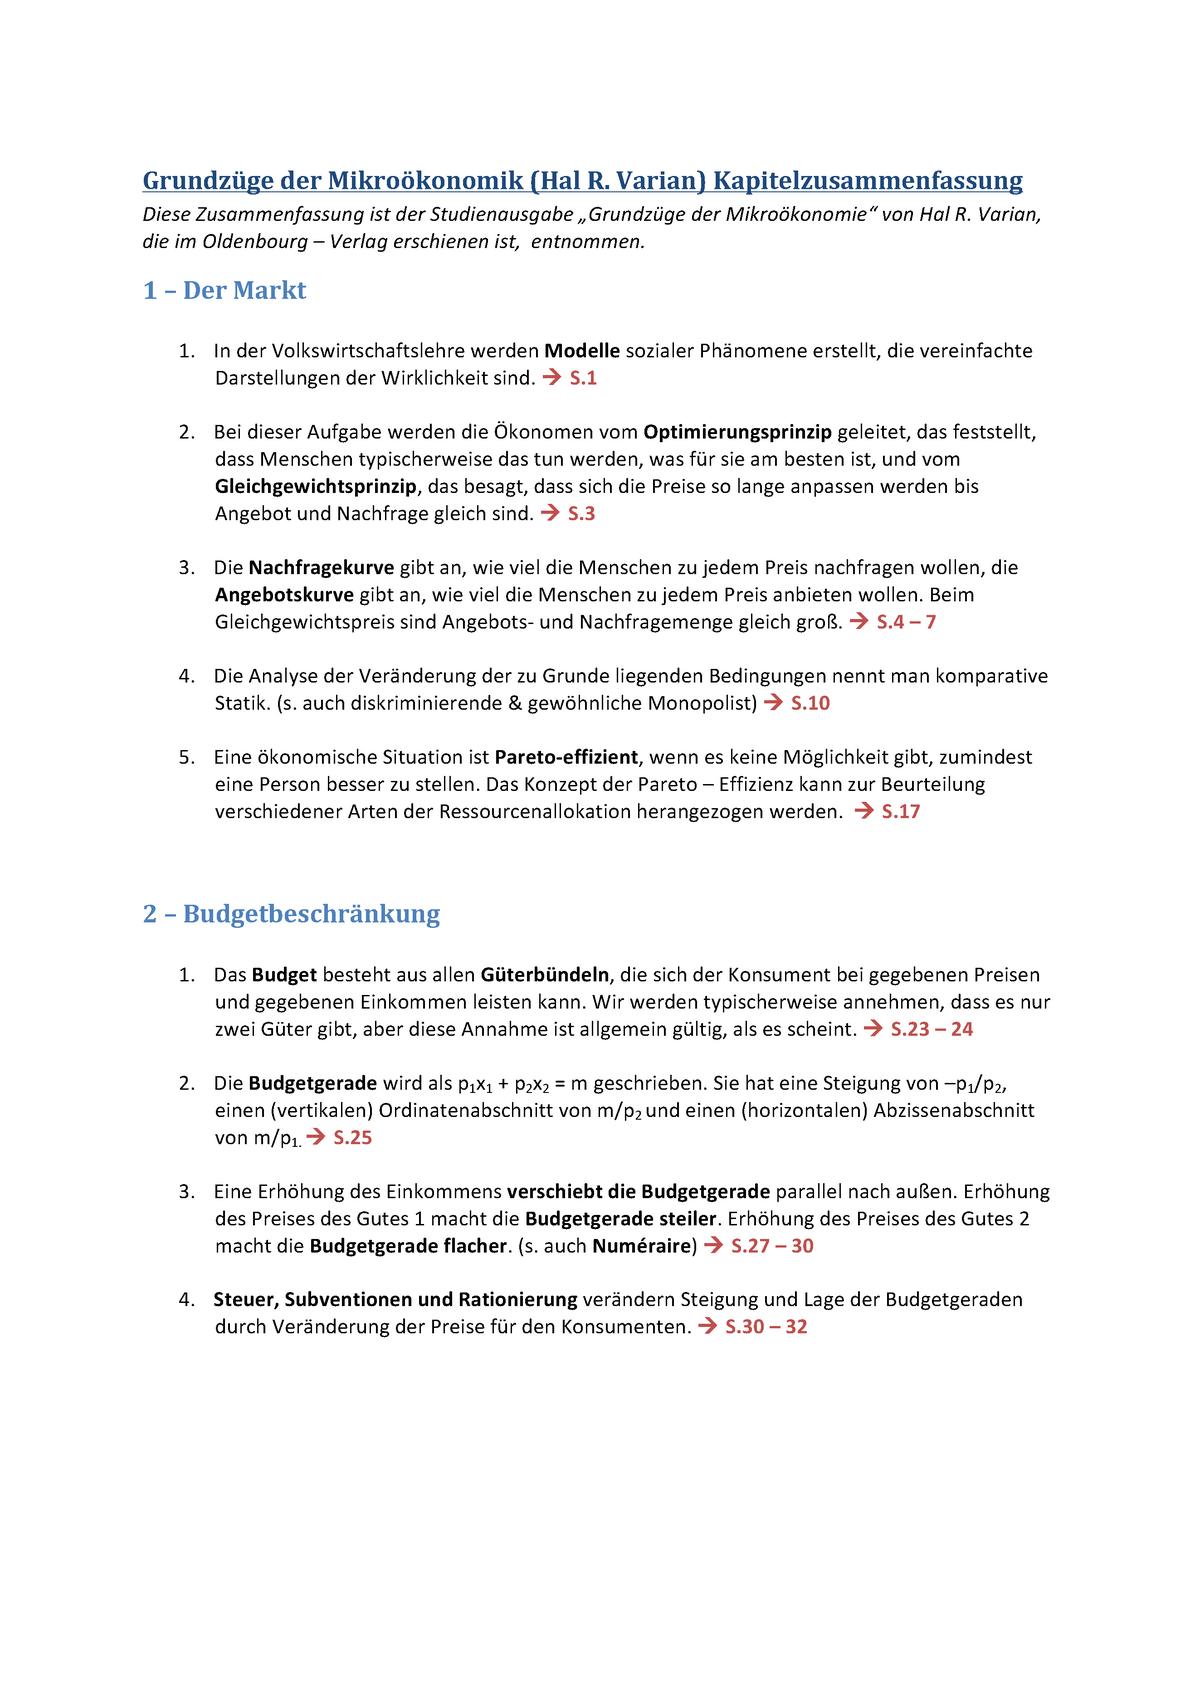 Hal Varian Zusammenfassung Der Kaptitel Mikroökonomie Pö2a